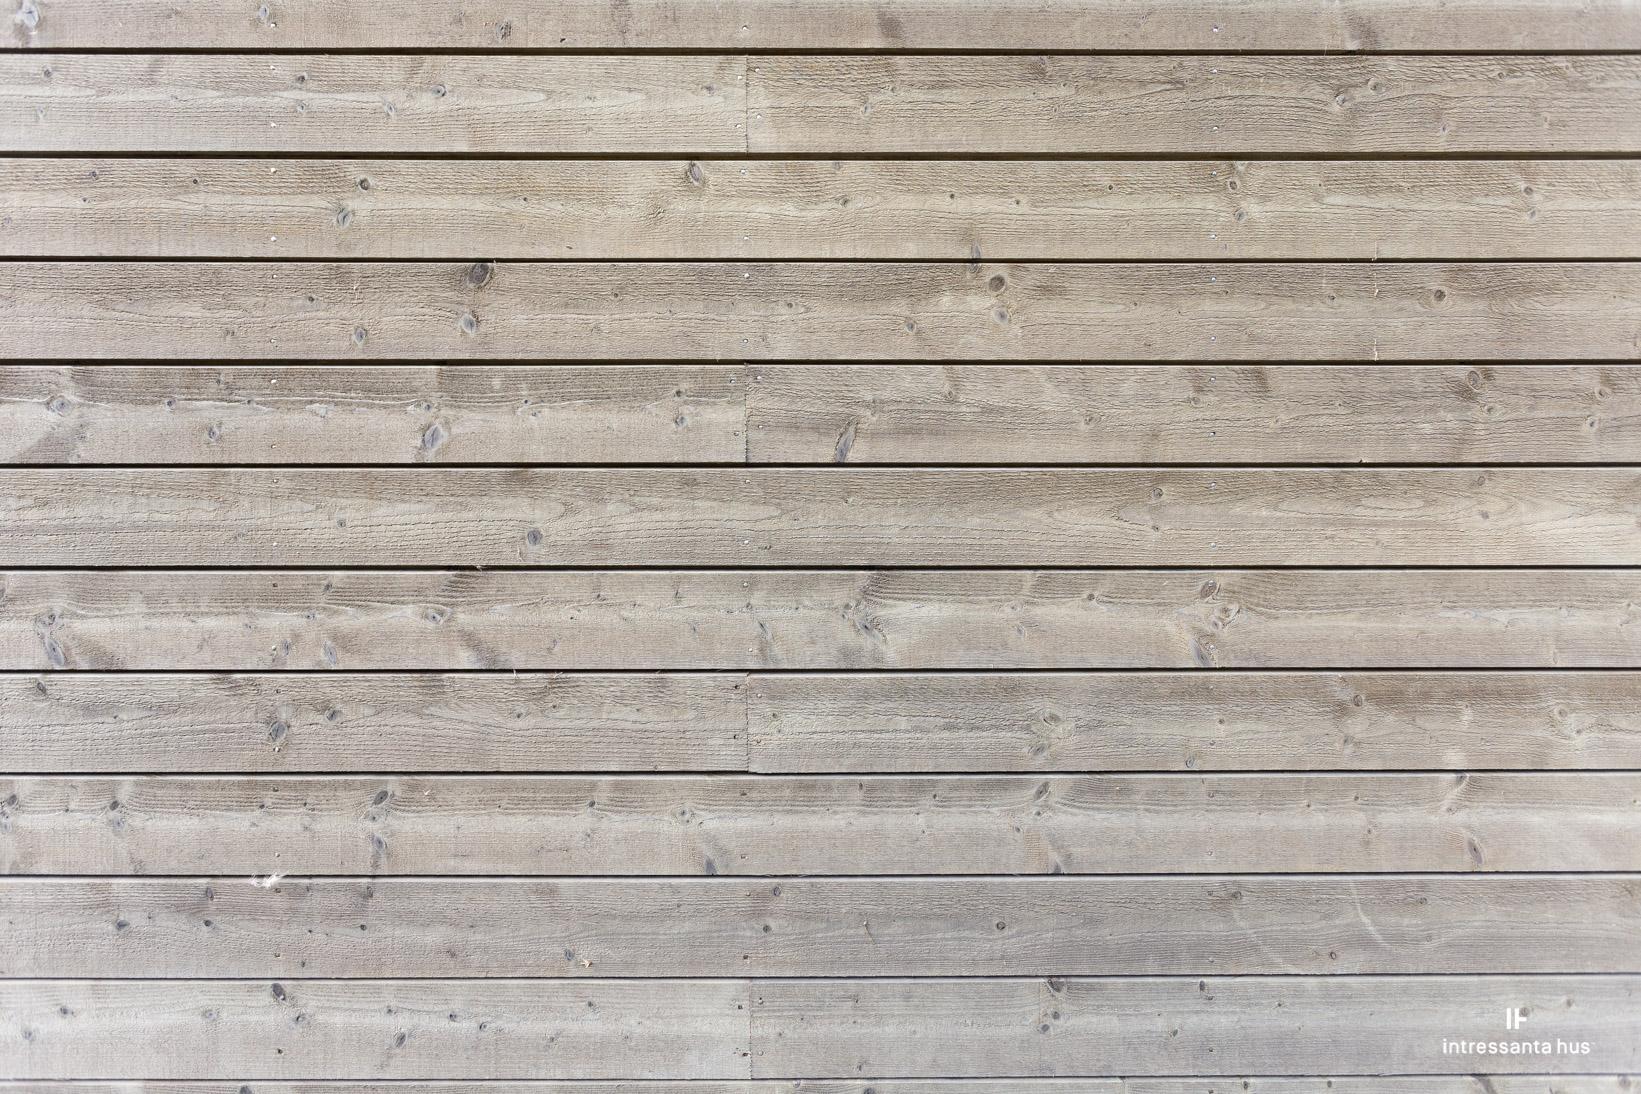 intressantahus-danderydgarde-003